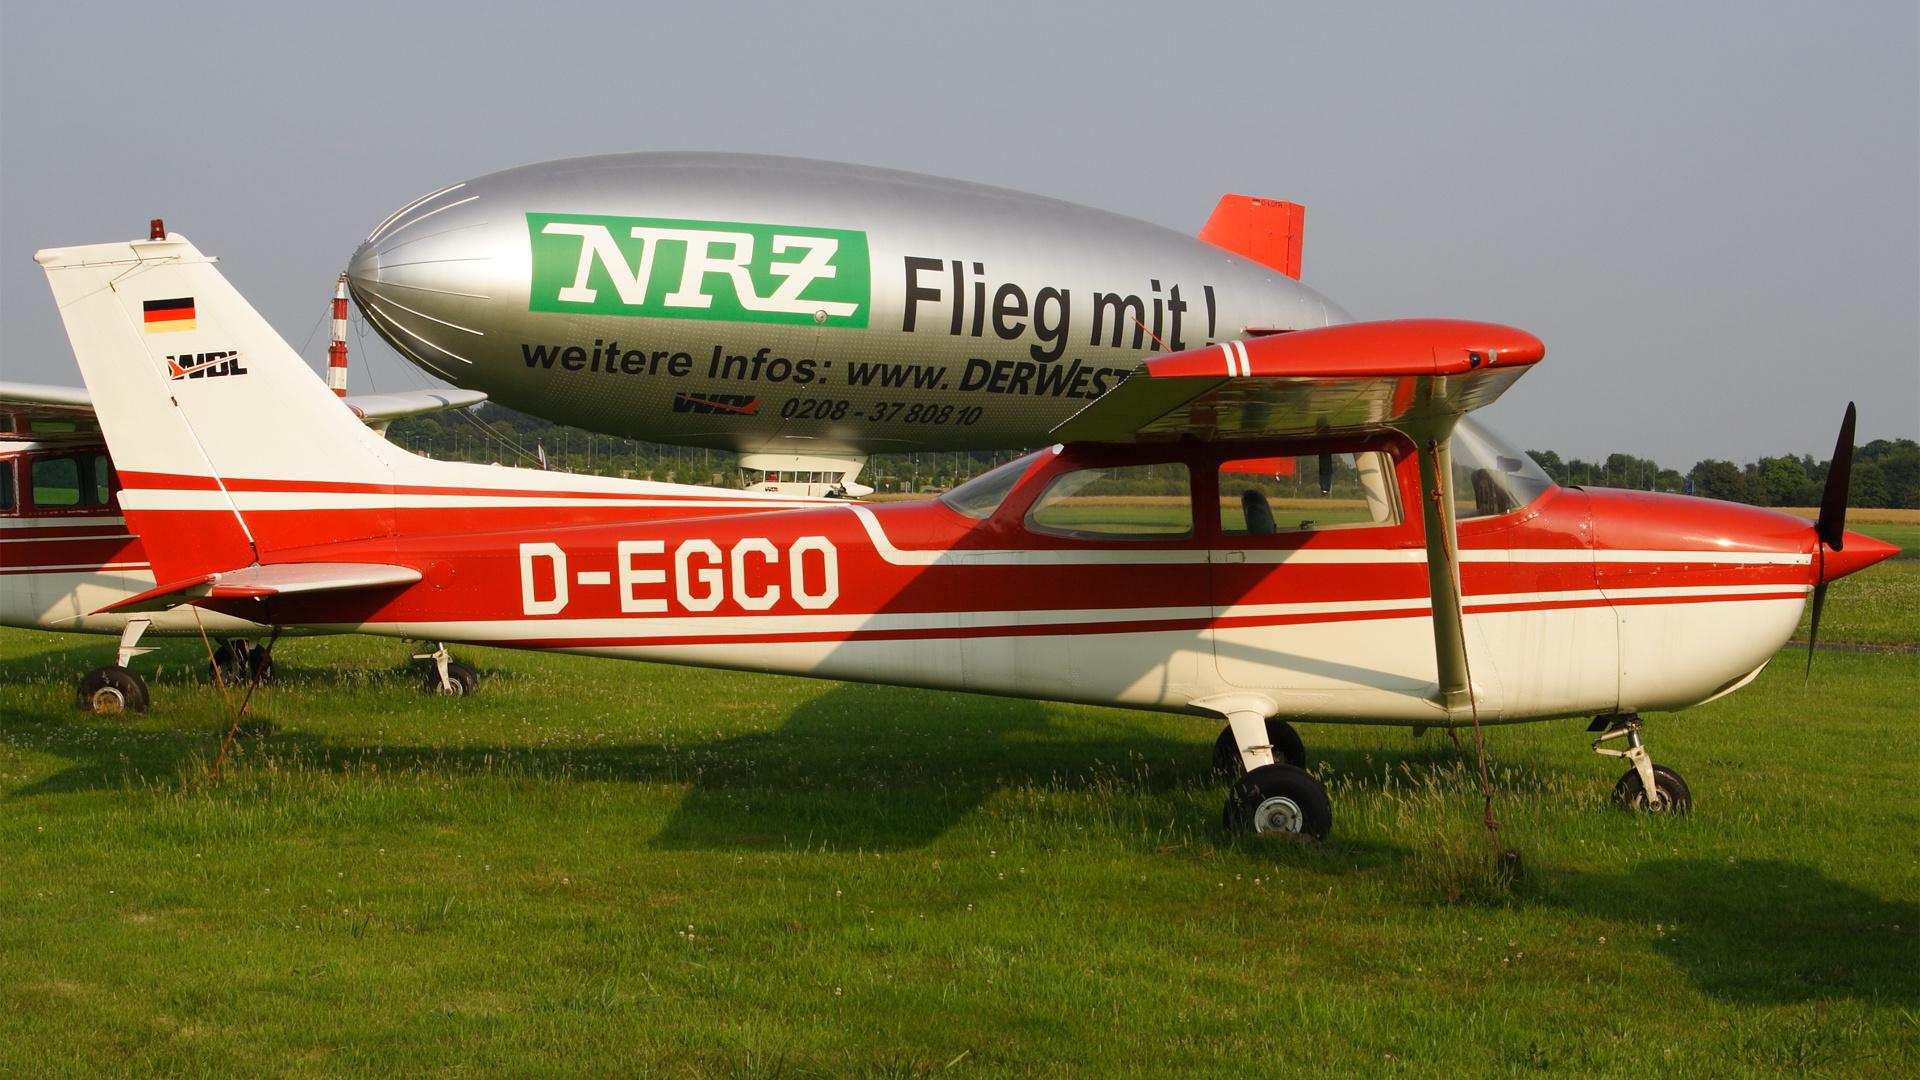 D-EGCO-1 C172 ESS 200907